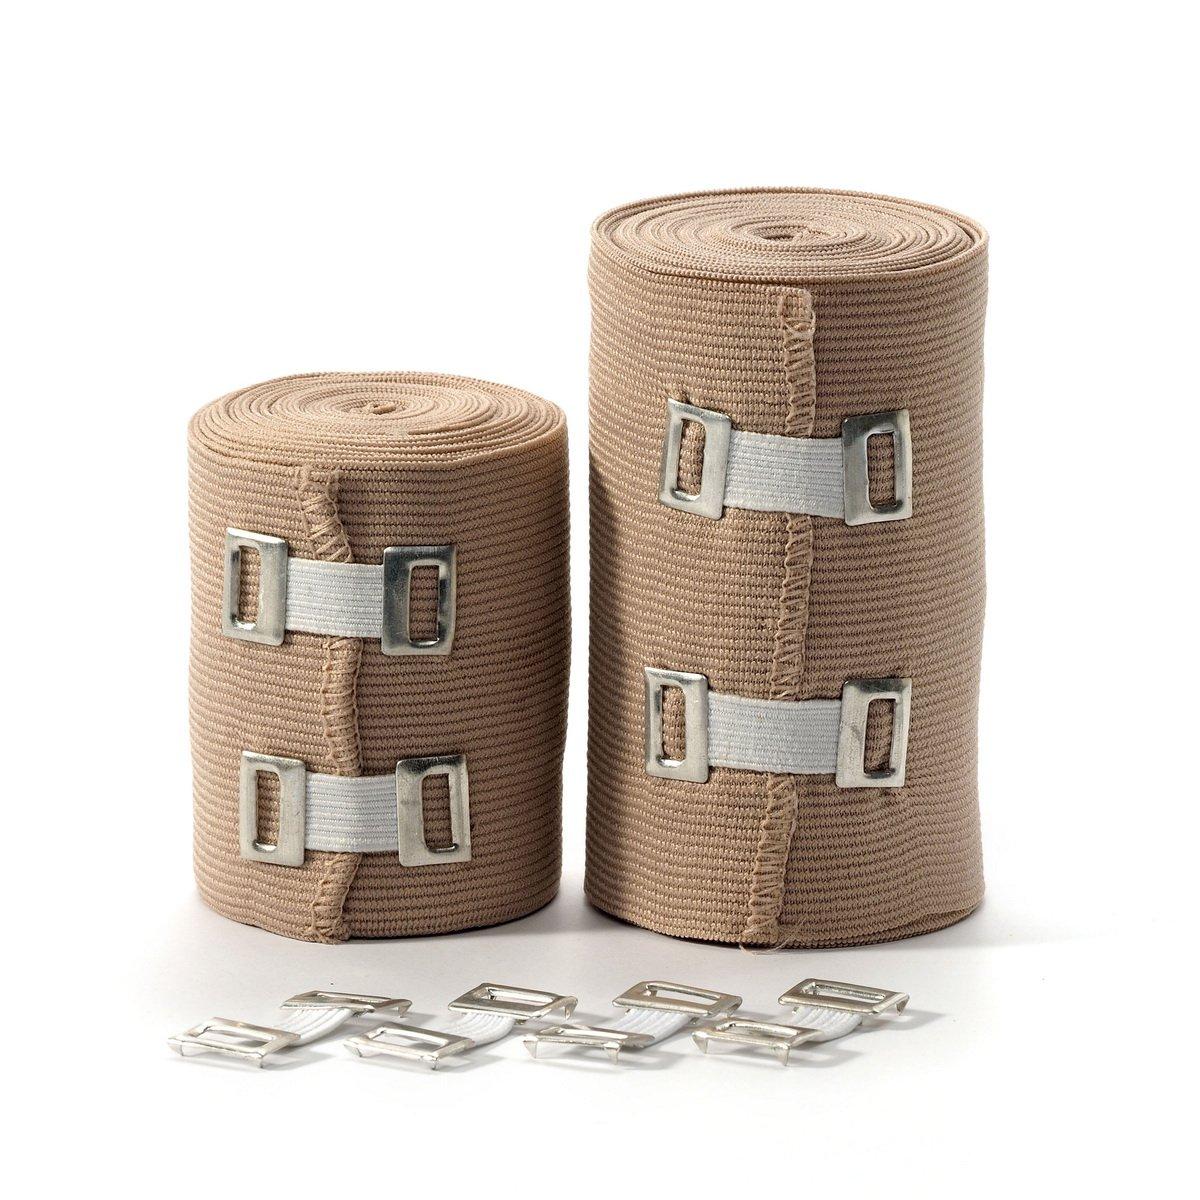 Elastic Bandage Wrap Compression Tape - 2 Compression Bandages + 4 Extra Clips - Compression Bandage - Ankle Wrap for Sprain - Compression Wrap - Compression Bandage - Athletic Wrap - Bandage Roll